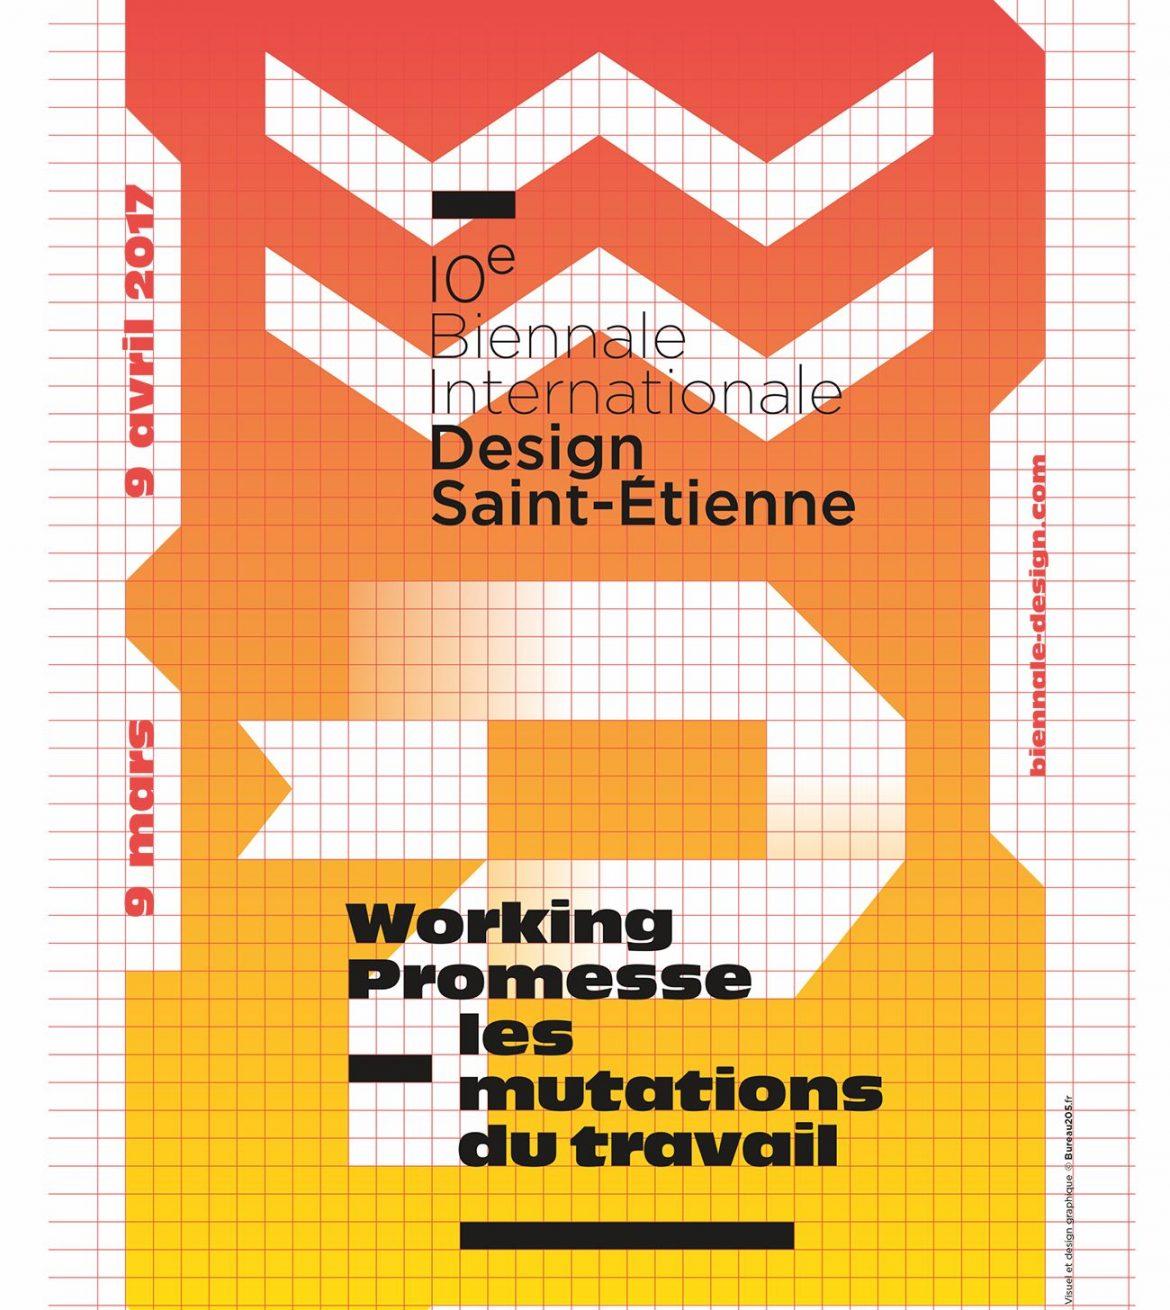 Affiche Biennale Design Saint Etienne 2017 1170x1310 - 10e édition de la biennale de design de Saint-Etienne